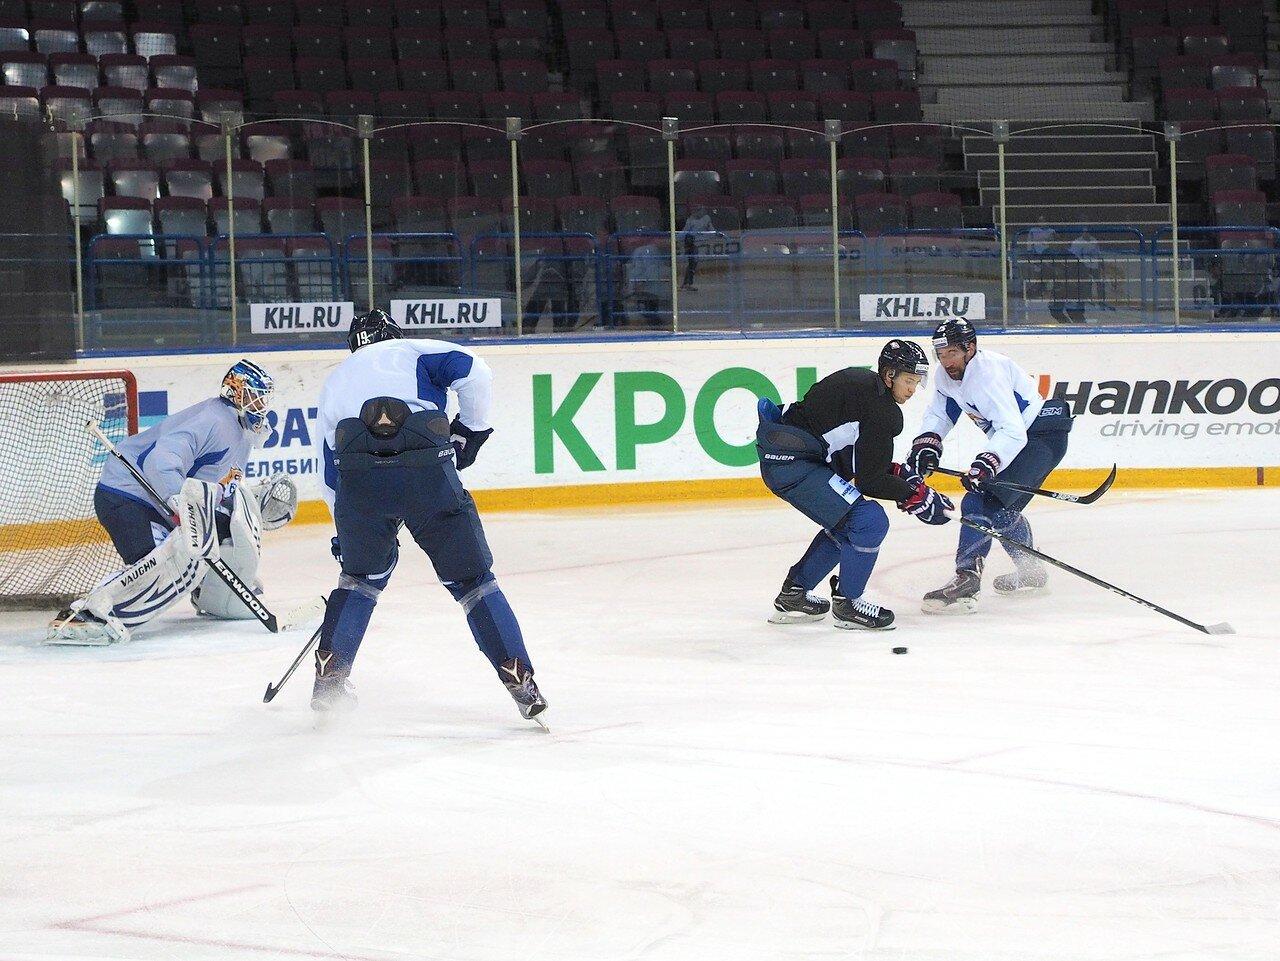 32 Открытая тренировка перед финалом плей-офф восточной конференции КХЛ 2017 22.03.2017